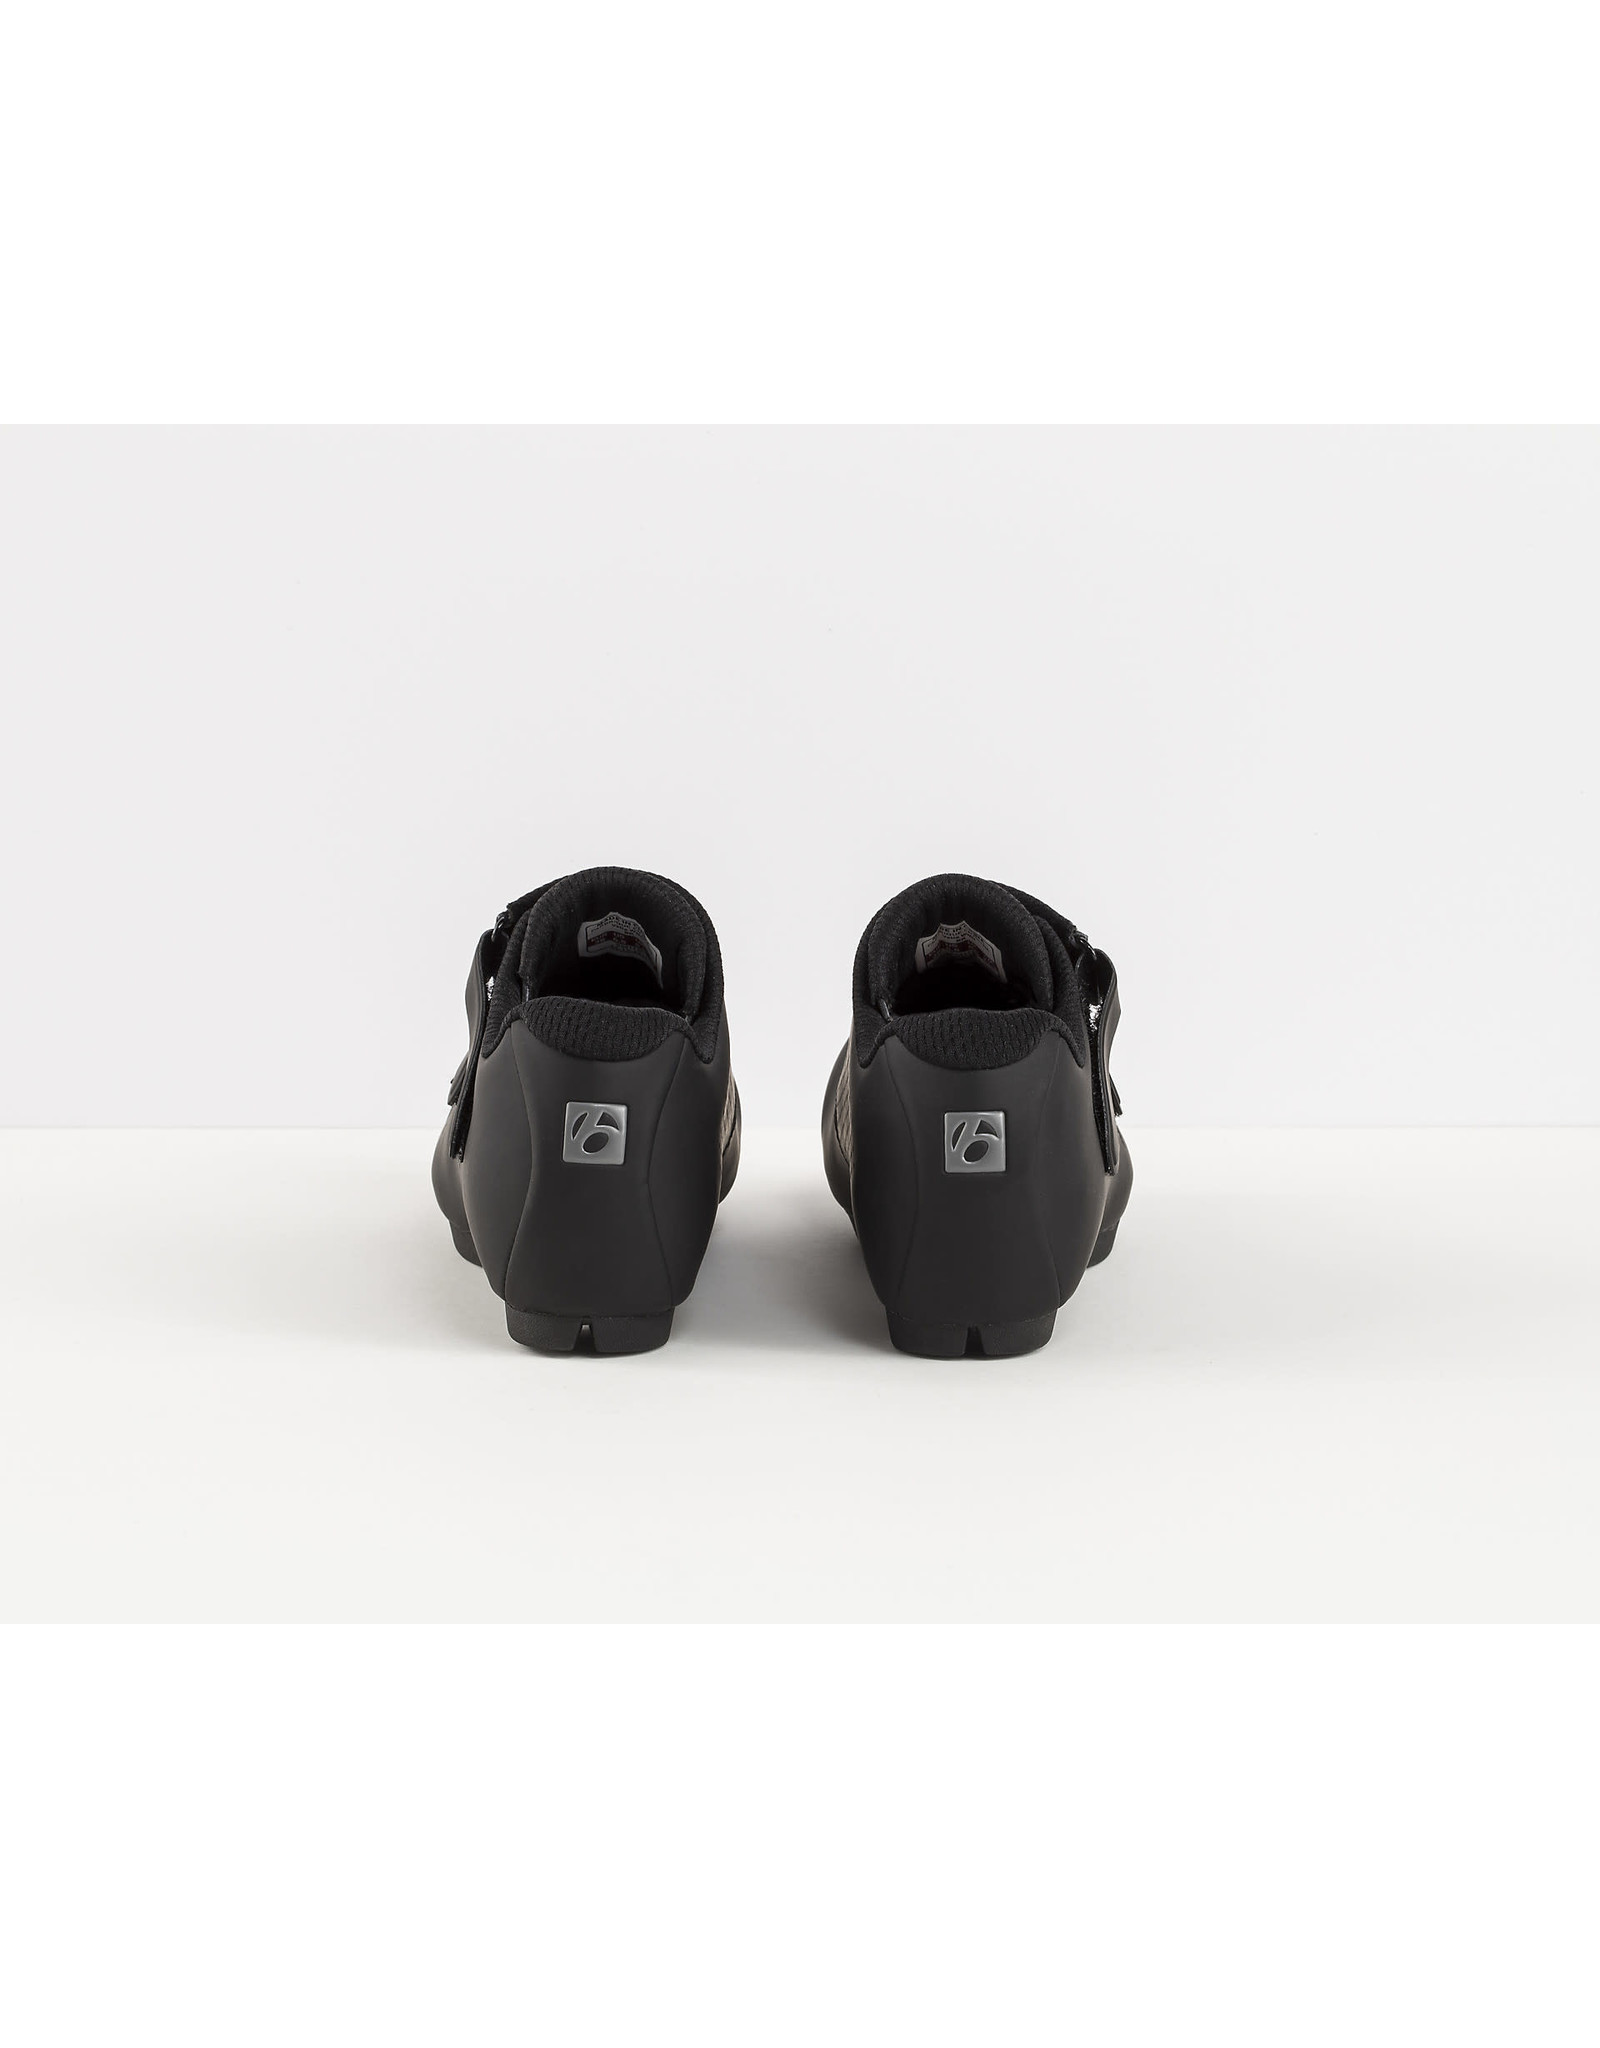 Bontrager Chaussures vélo de route Bontrager Vella pour femmes